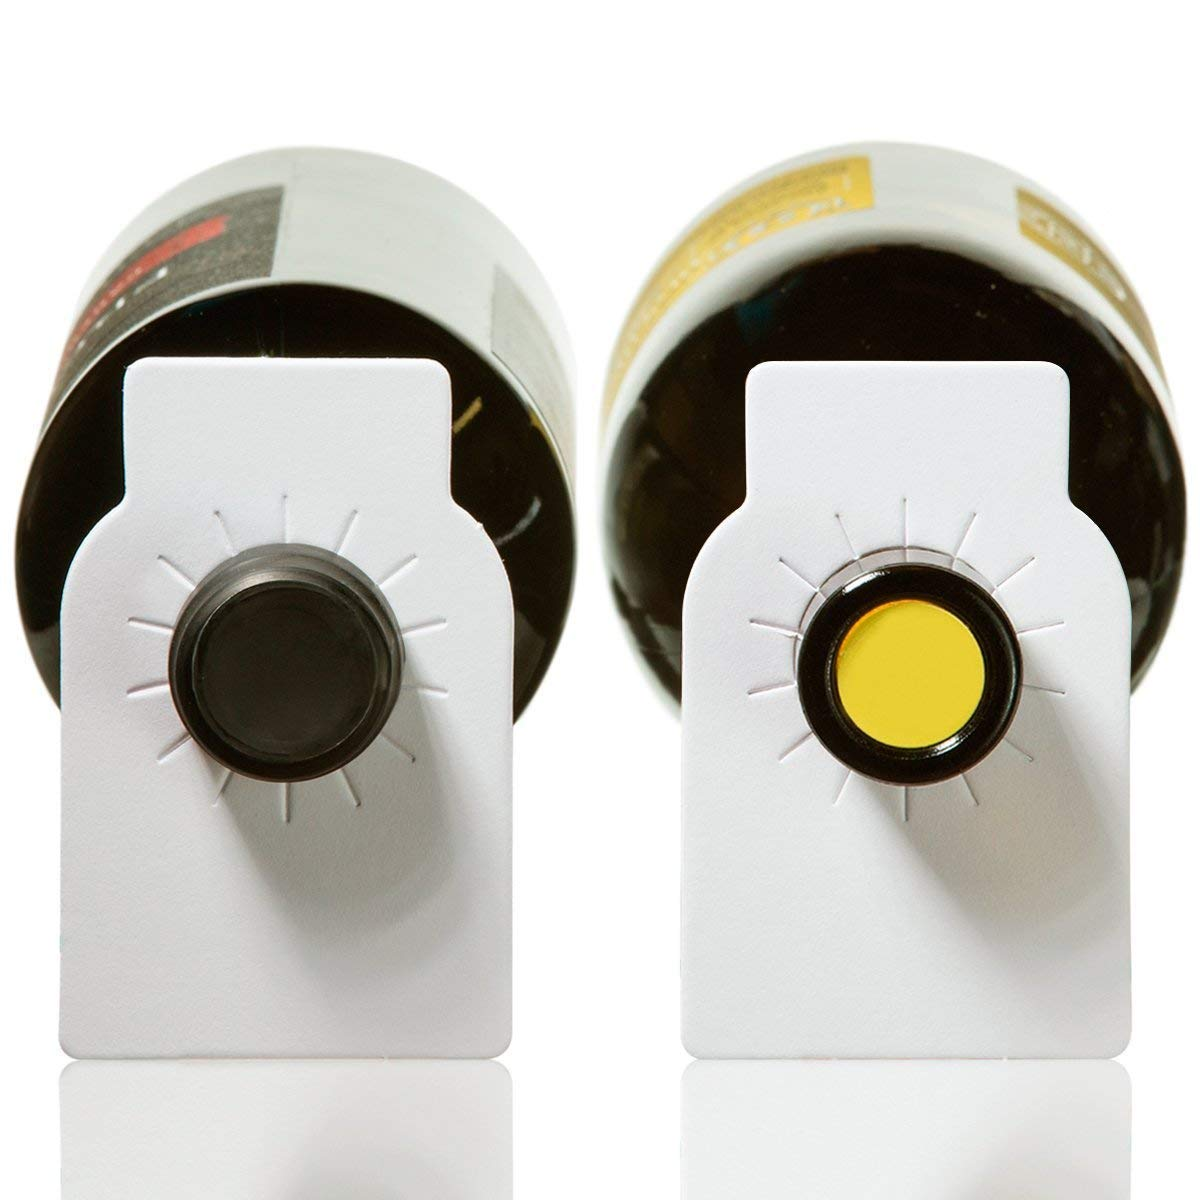 100 etiquetas de la bodega del papel del grano llano Etiquetas de la botella de vino del Libro Blanco